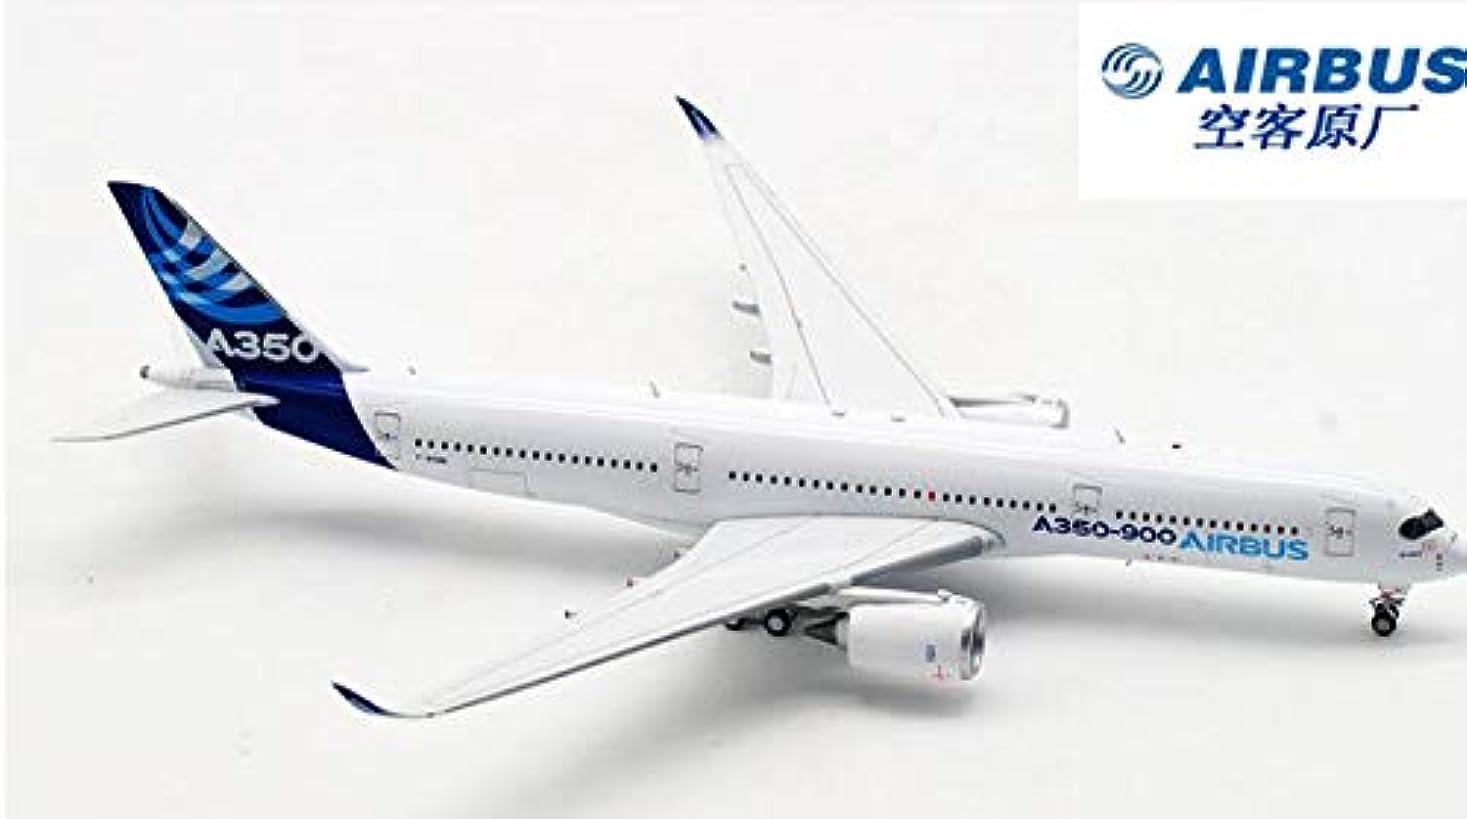 損傷農業手足Aviation 1/400 完成品 Airbus A350-900 F-WXWB ダイキャスト 航空機モデル